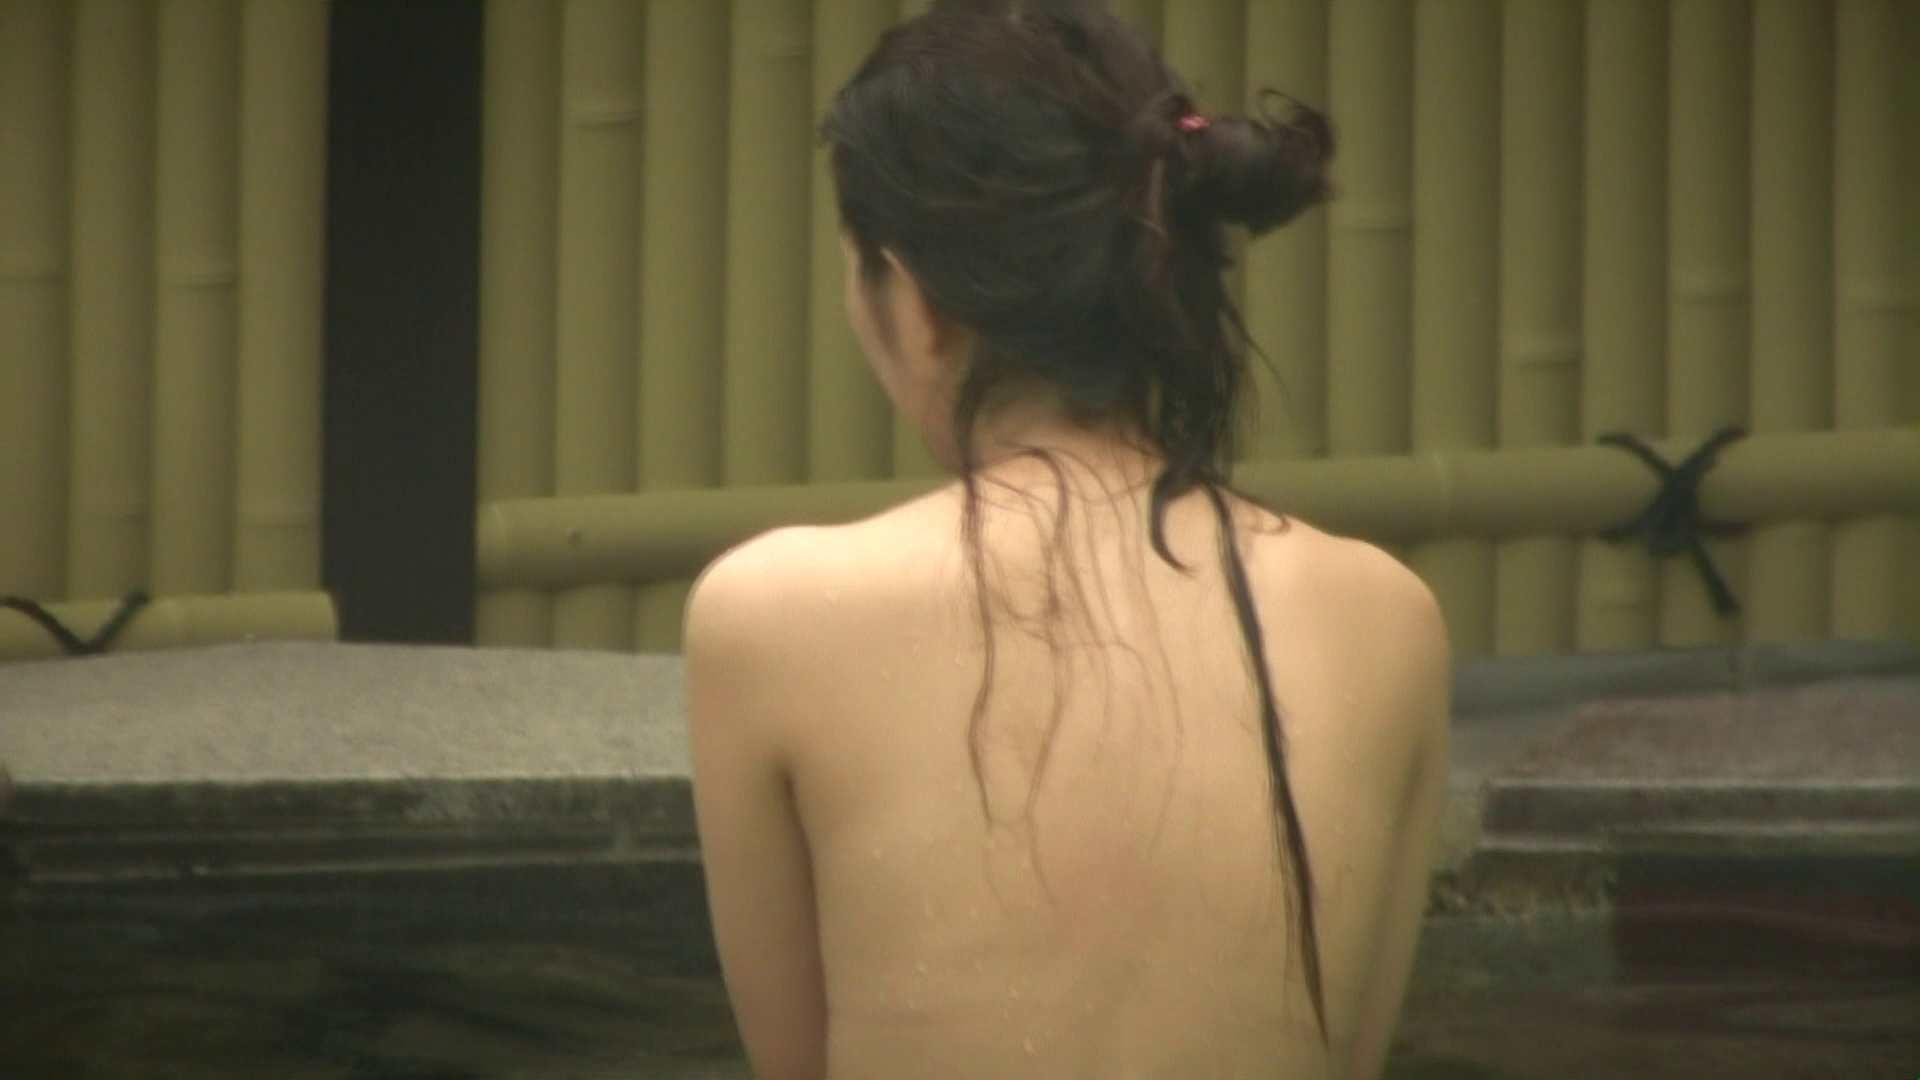 高画質露天女風呂観察 vol.022 乙女 隠し撮りオマンコ動画紹介 95pic 33